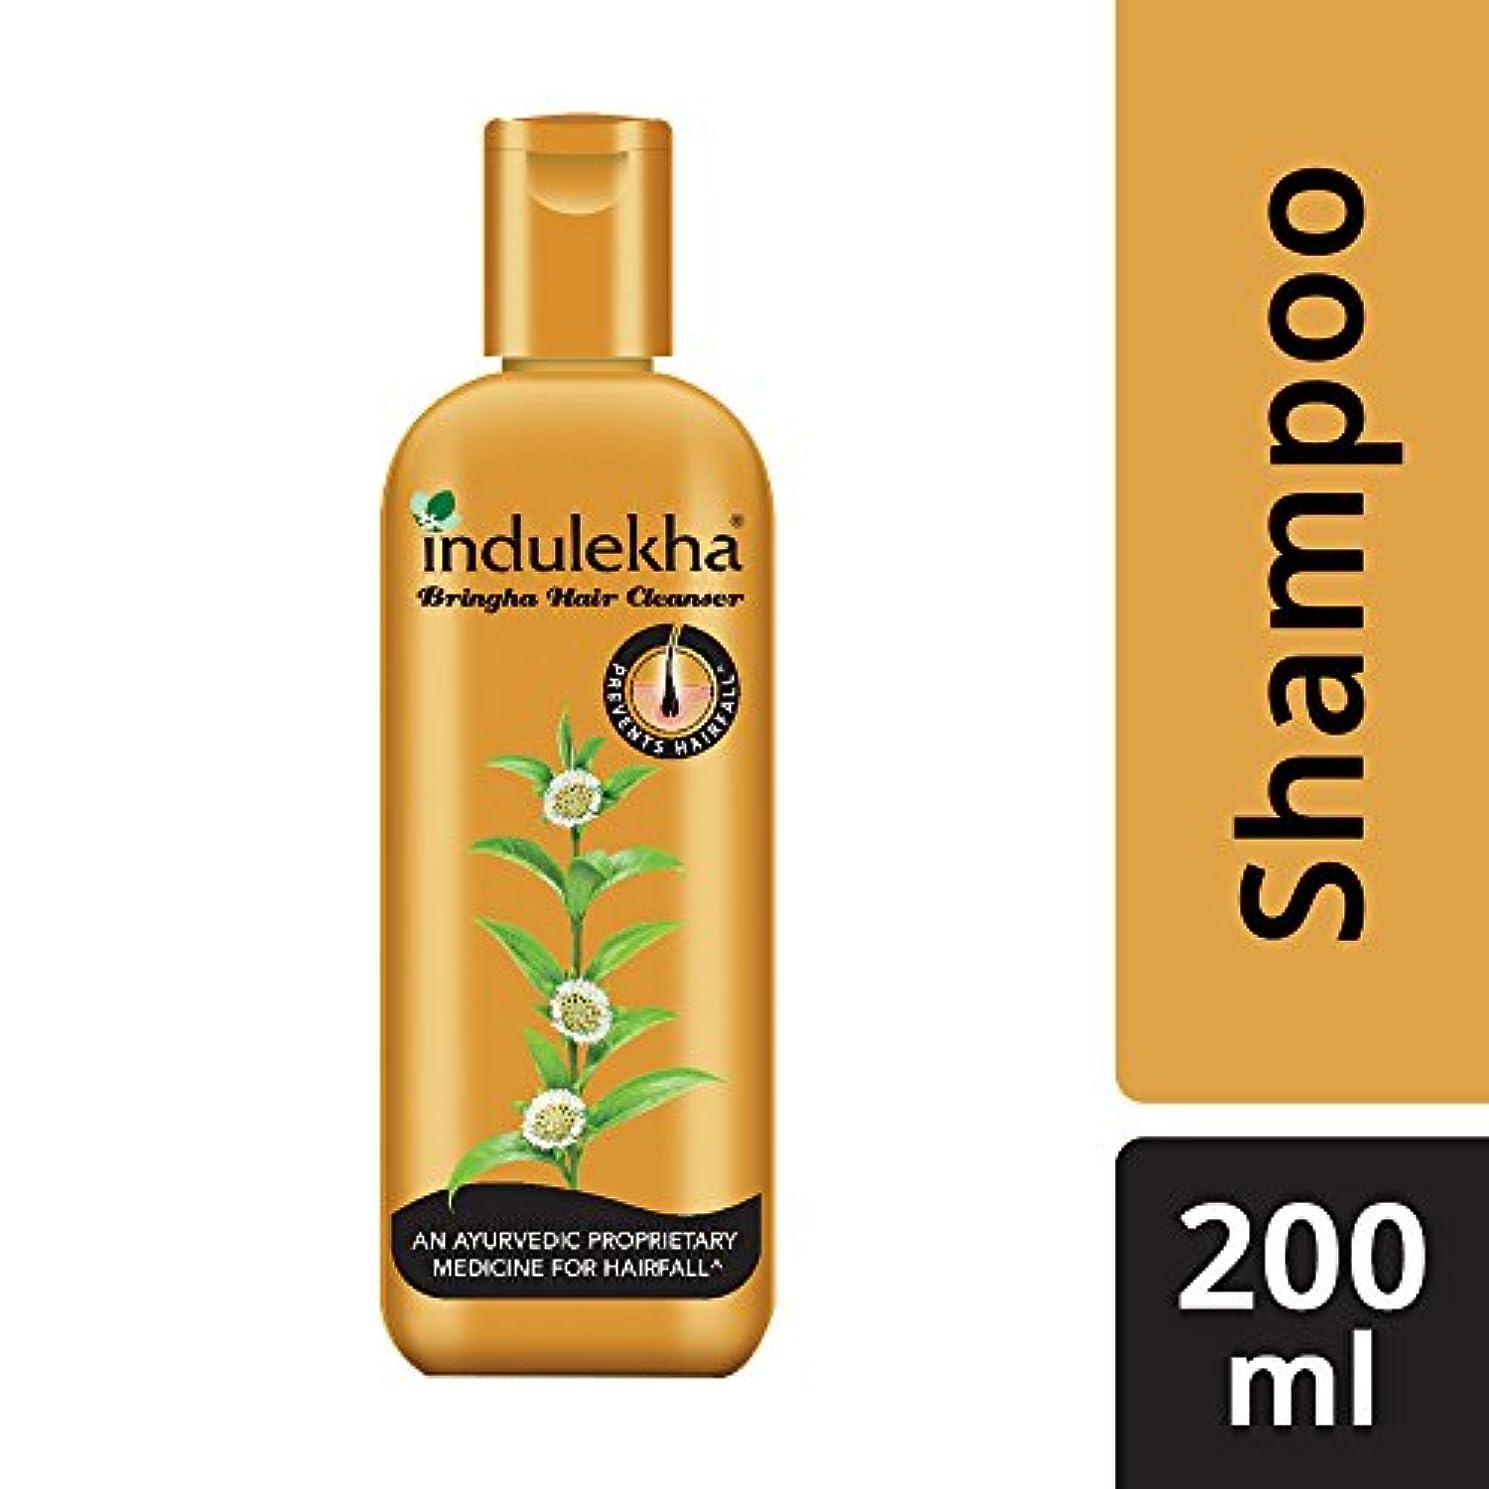 マングルスイッチ体細胞Indulekha Bringha Anti Hair Fall Shampoo (Hair Cleanser) 200ml, 6.76 oz - 並行輸入品 - イニディカ?ブリンガアンチヘアフォールシャンプー(ヘアクレンザー...